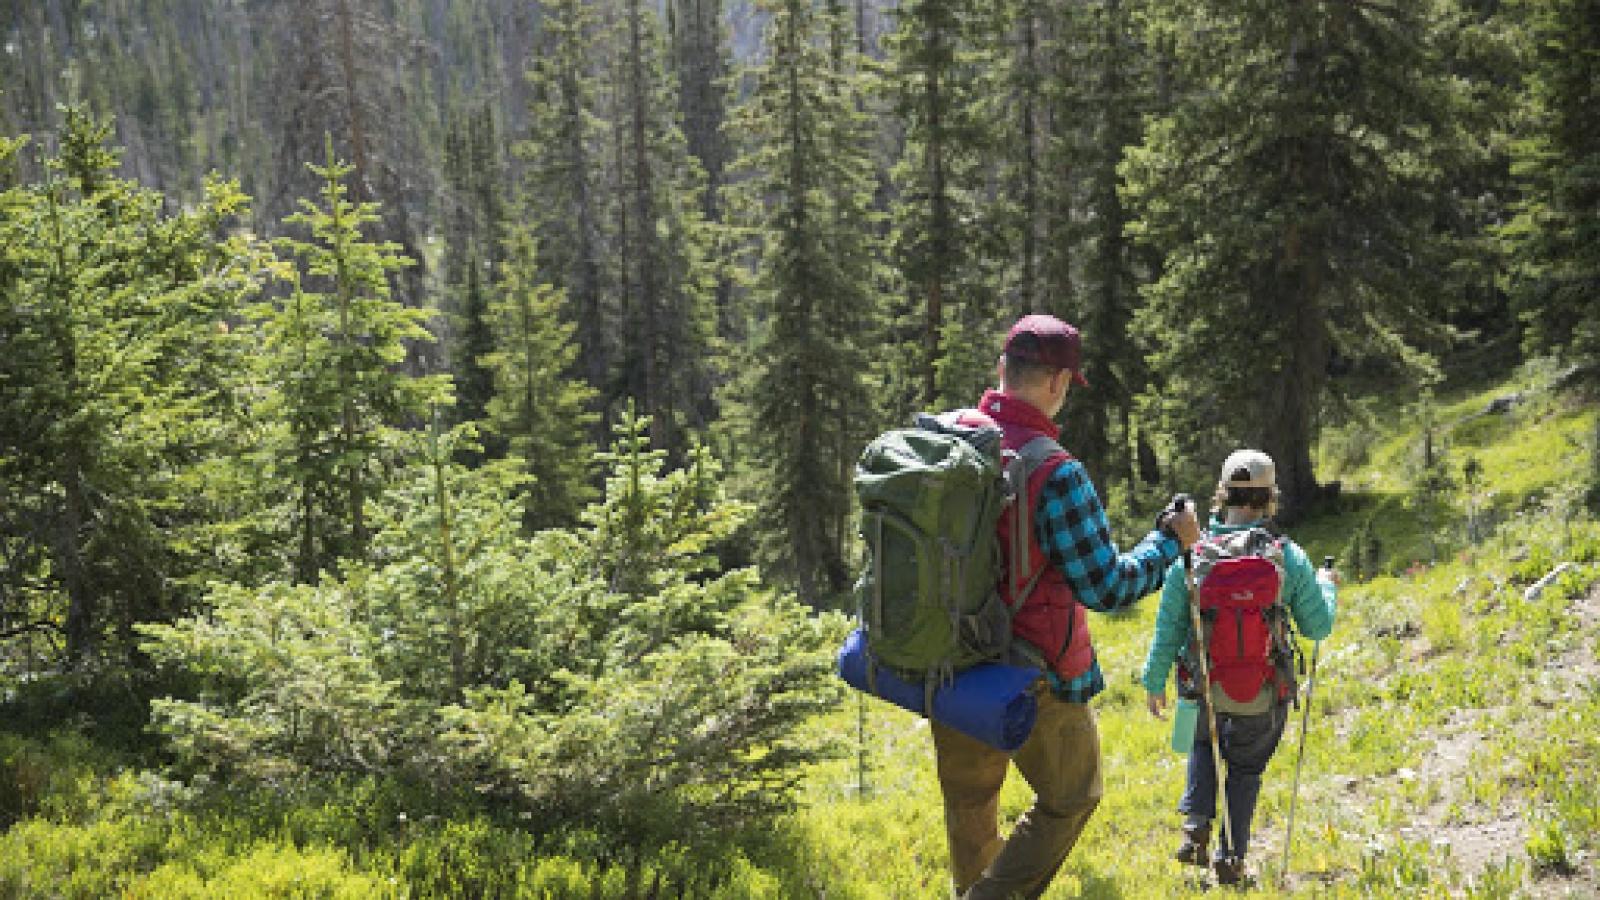 7 lý do tại sao bạn nên đi bộ đường dài (hiking)